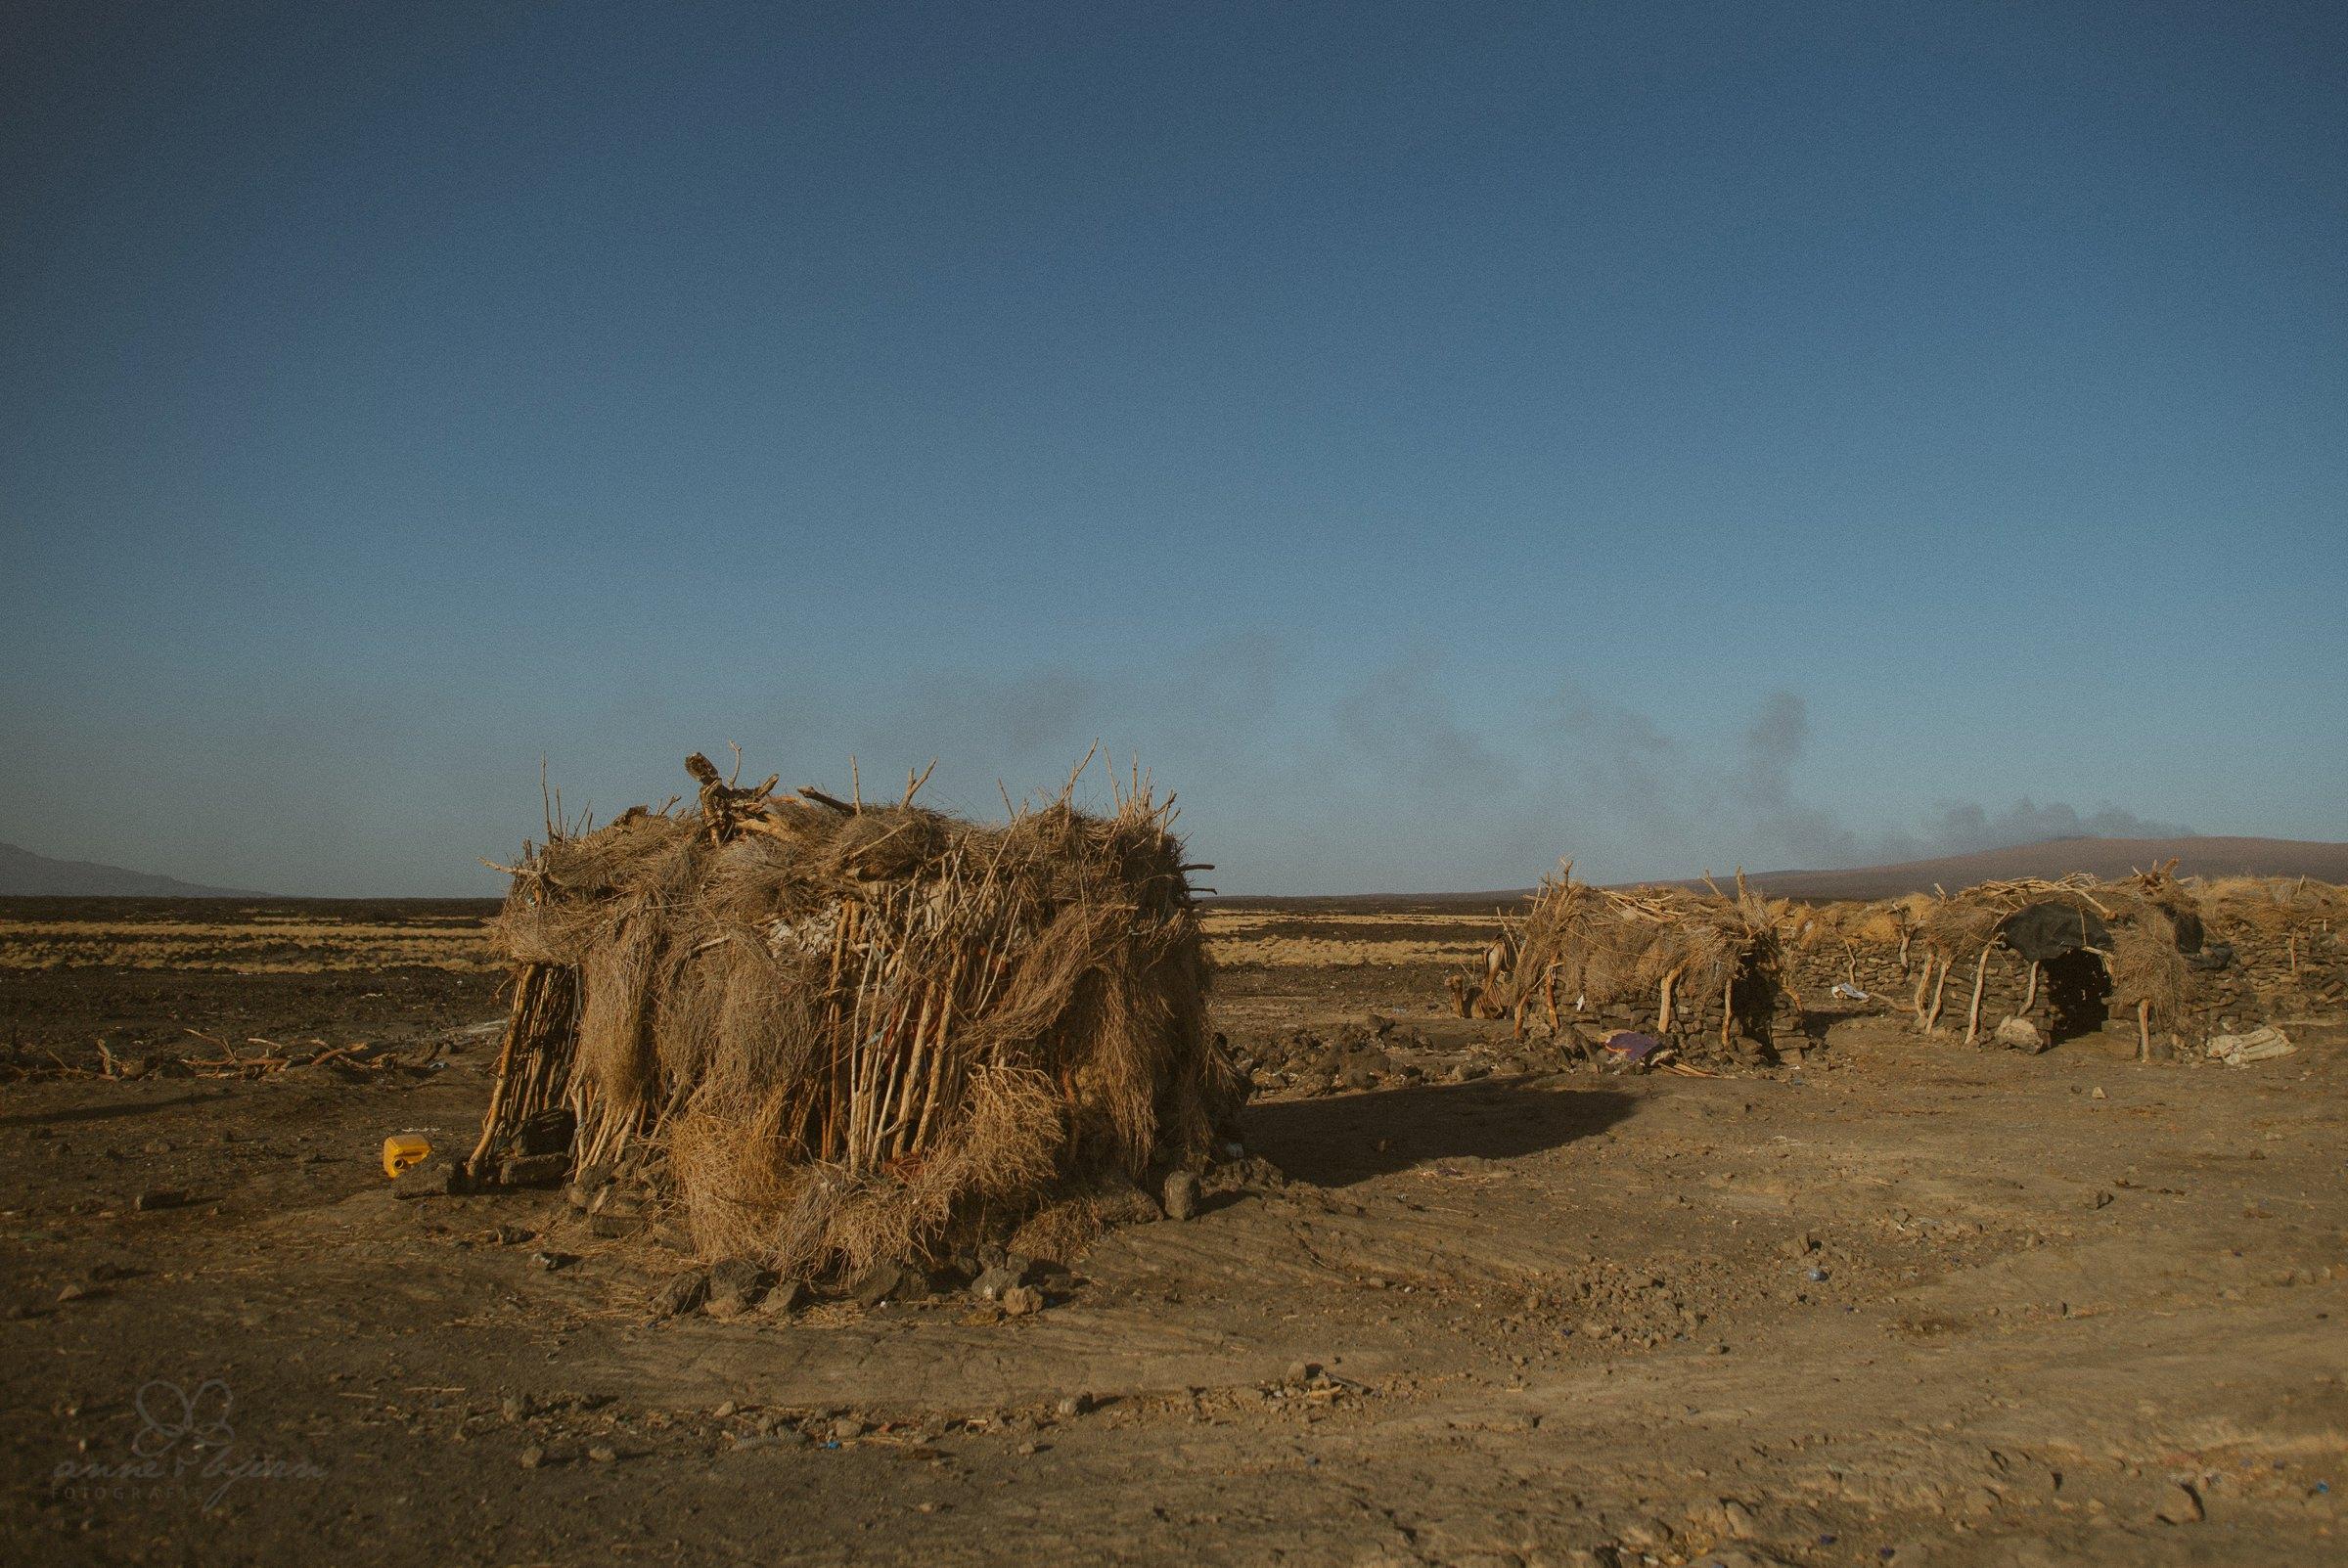 Hütten, Afar Region, Ethiopia, Echt, Wüste